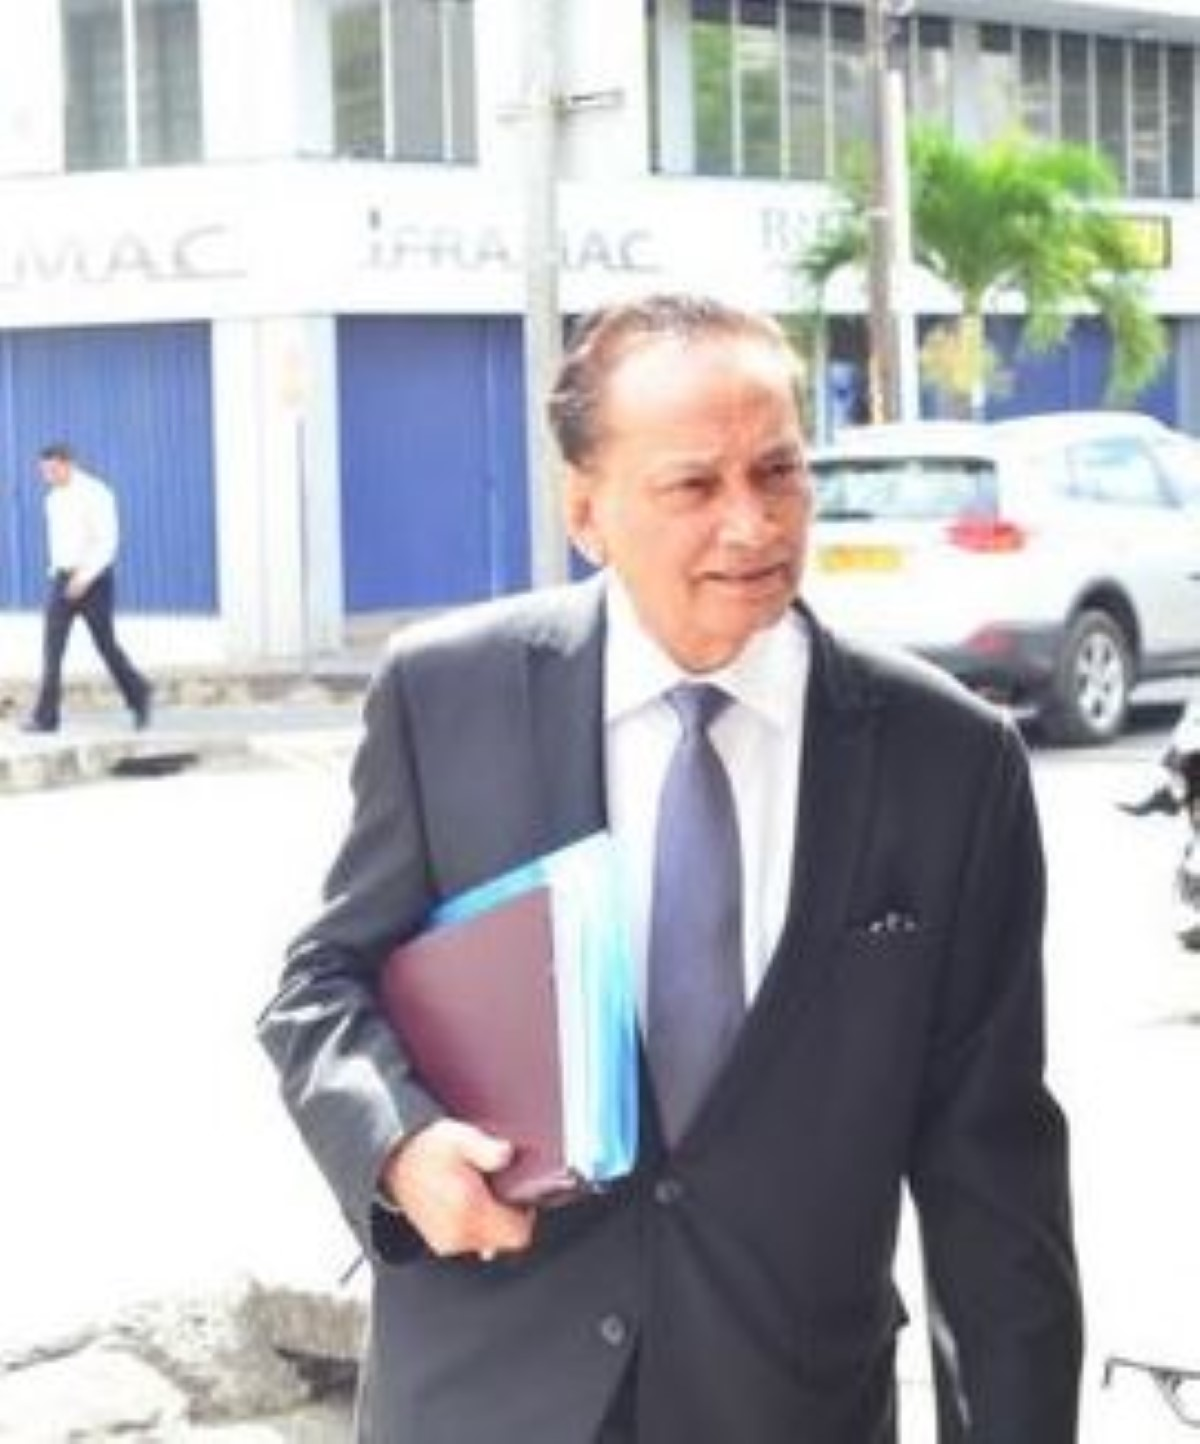 Commission d'enquête : Parole contre parole, Me Youssouf Mohamed nie tout en bloc